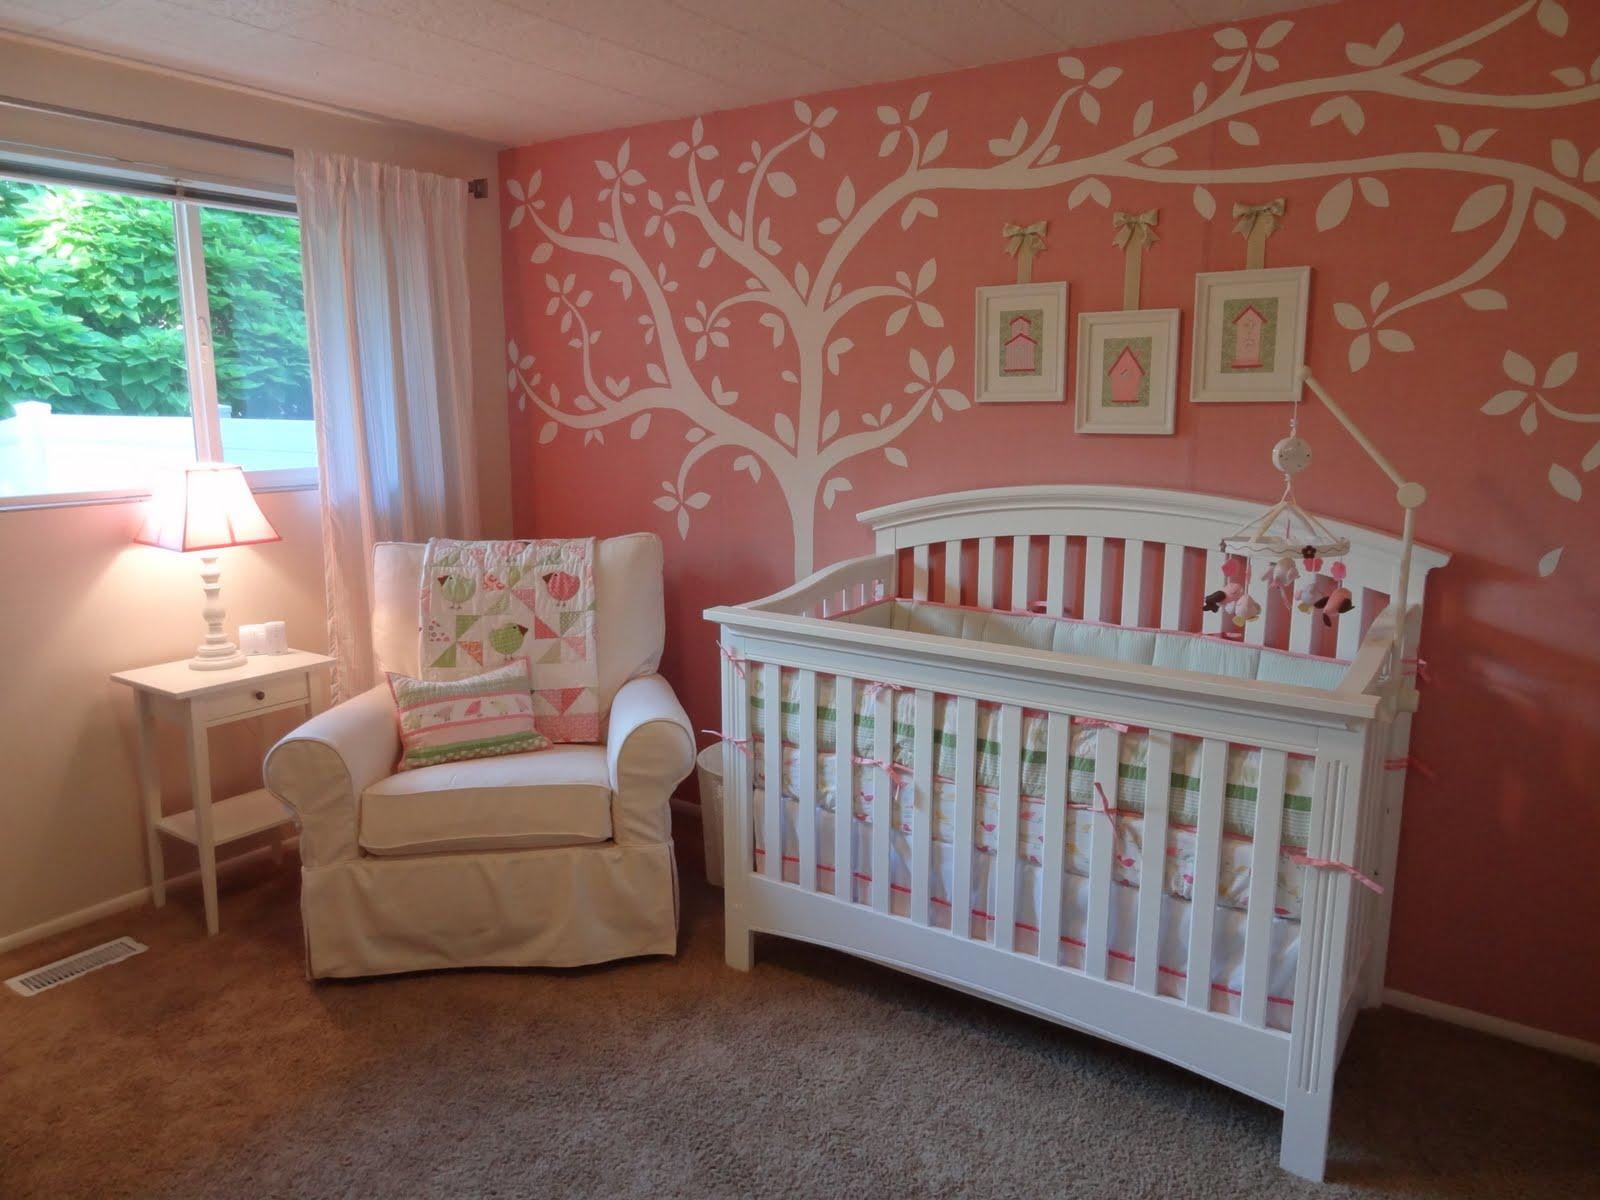 Adorable Nursery Idea